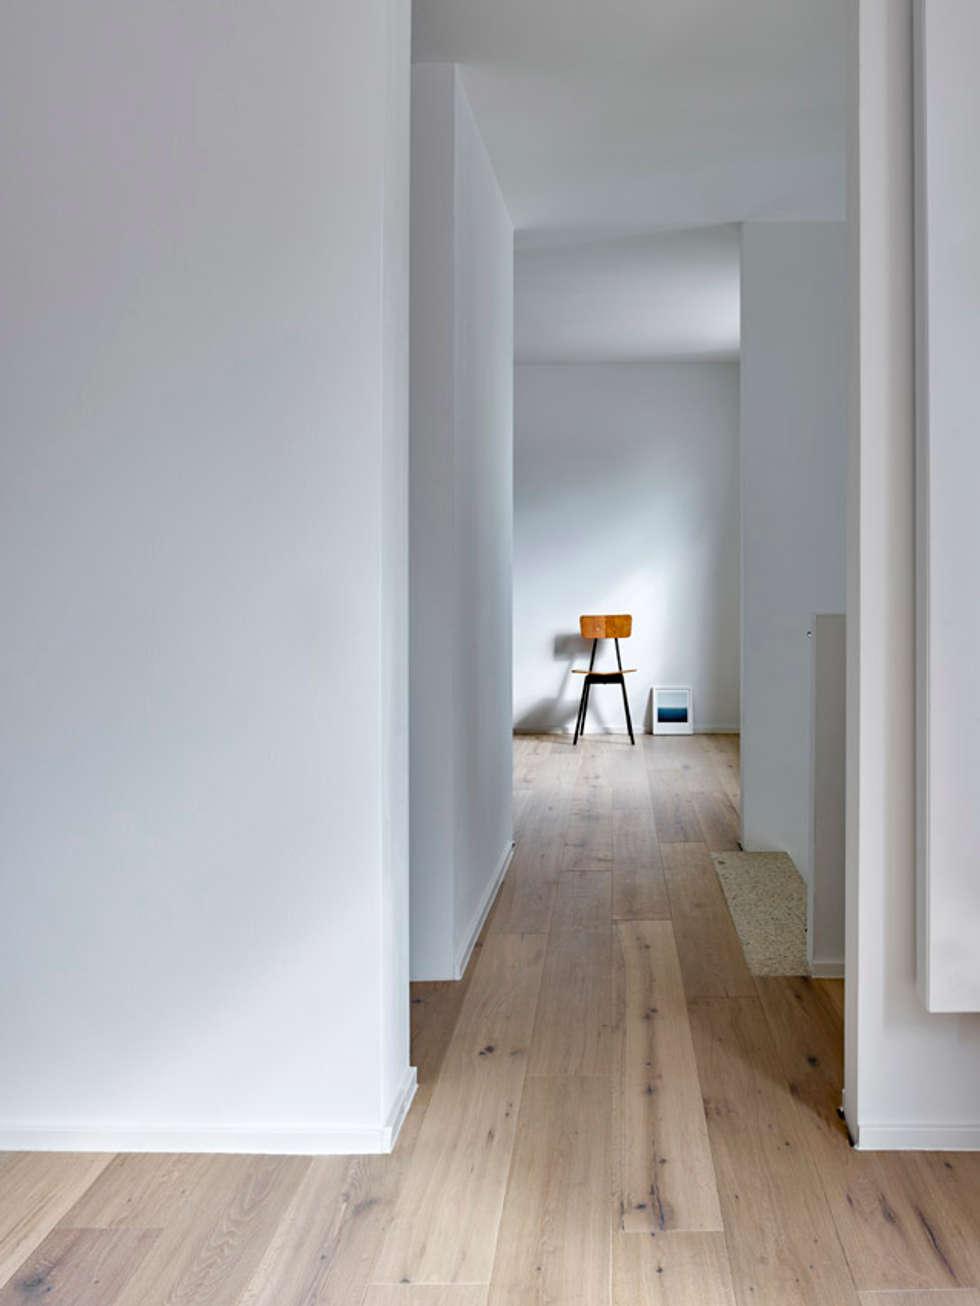 Wunderbar Minimalistische Wohnideen Ideen Von Umbau Und Sanierung Eines -bungalows: Schlafzimmer Von